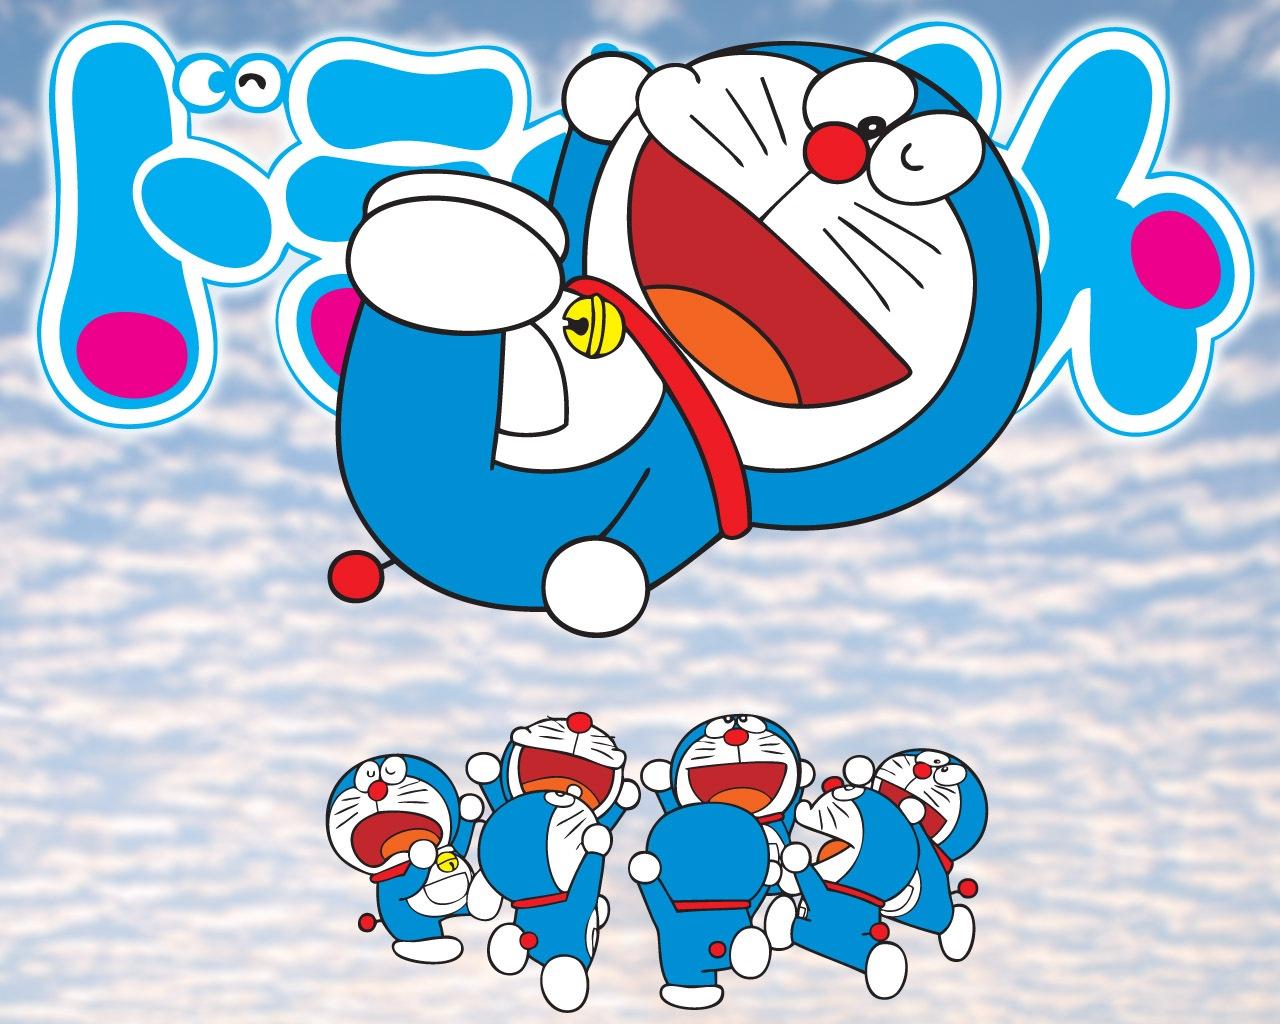 Kopi Hangat Gambar Kartun Doraemon Nobita Teman Temannya Robot Lucu